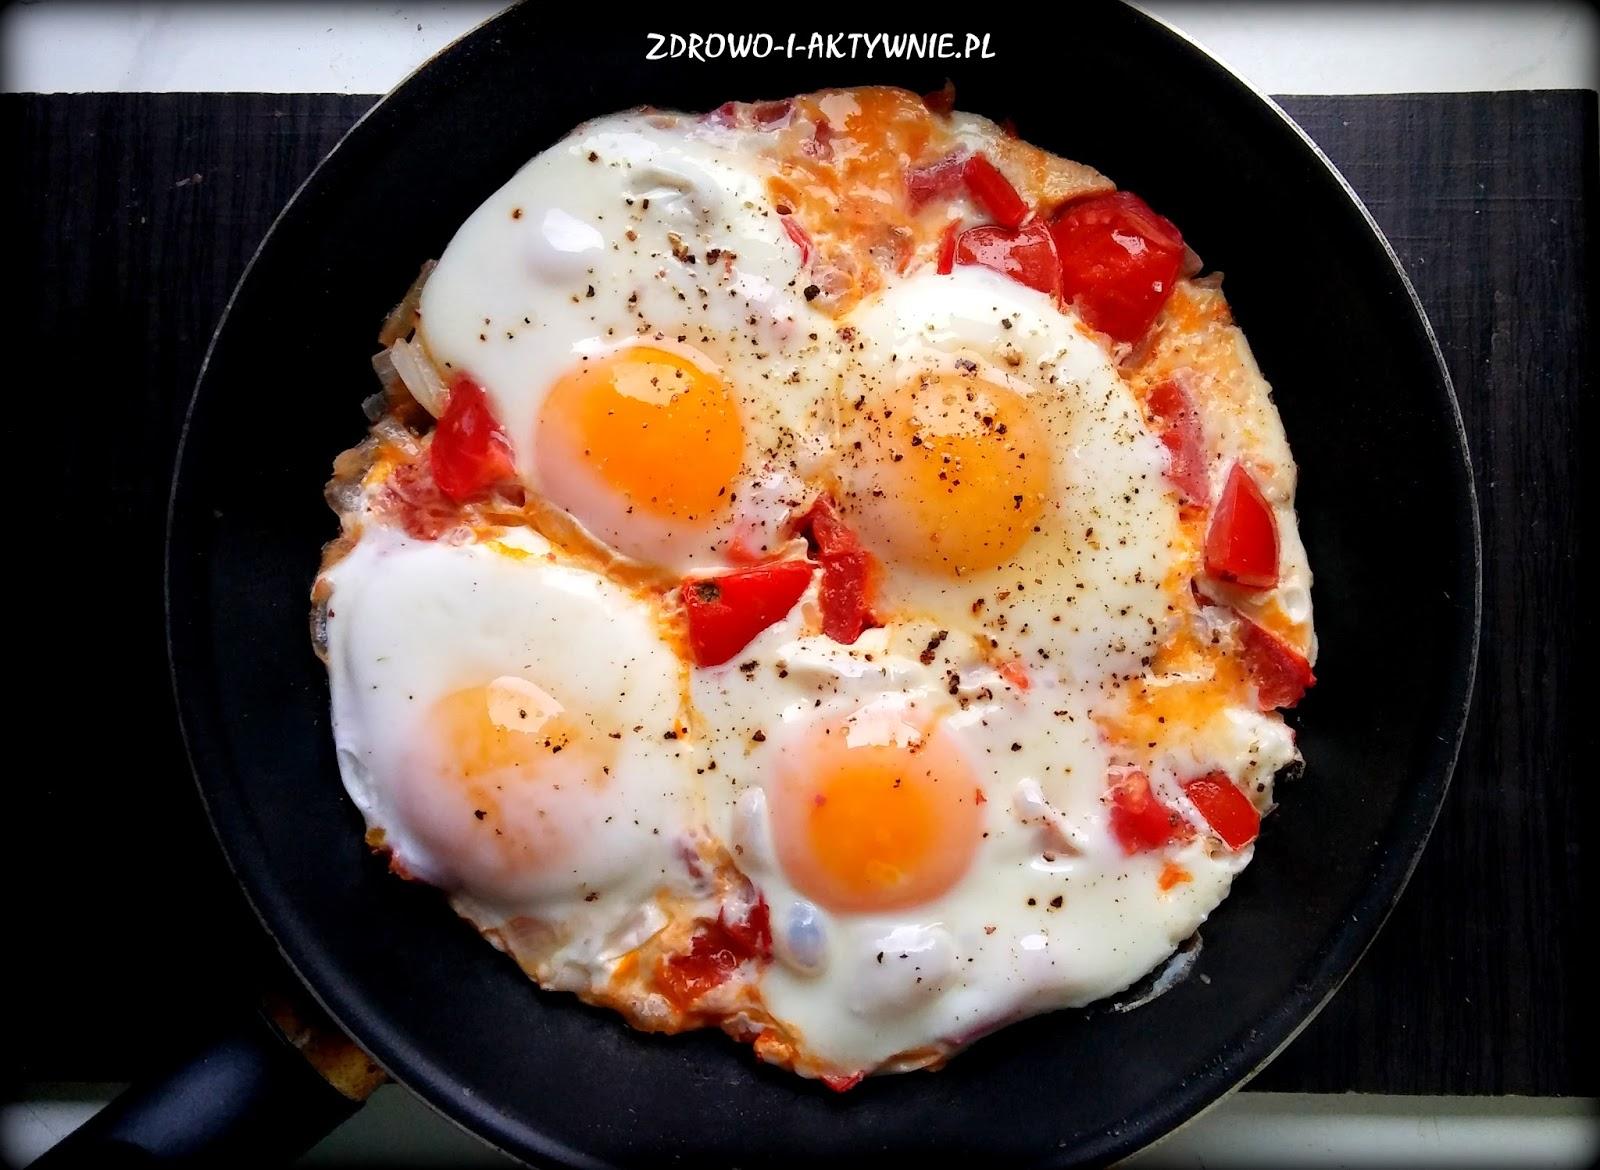 Szakszuka czyli jajka sadzone na pomidorach